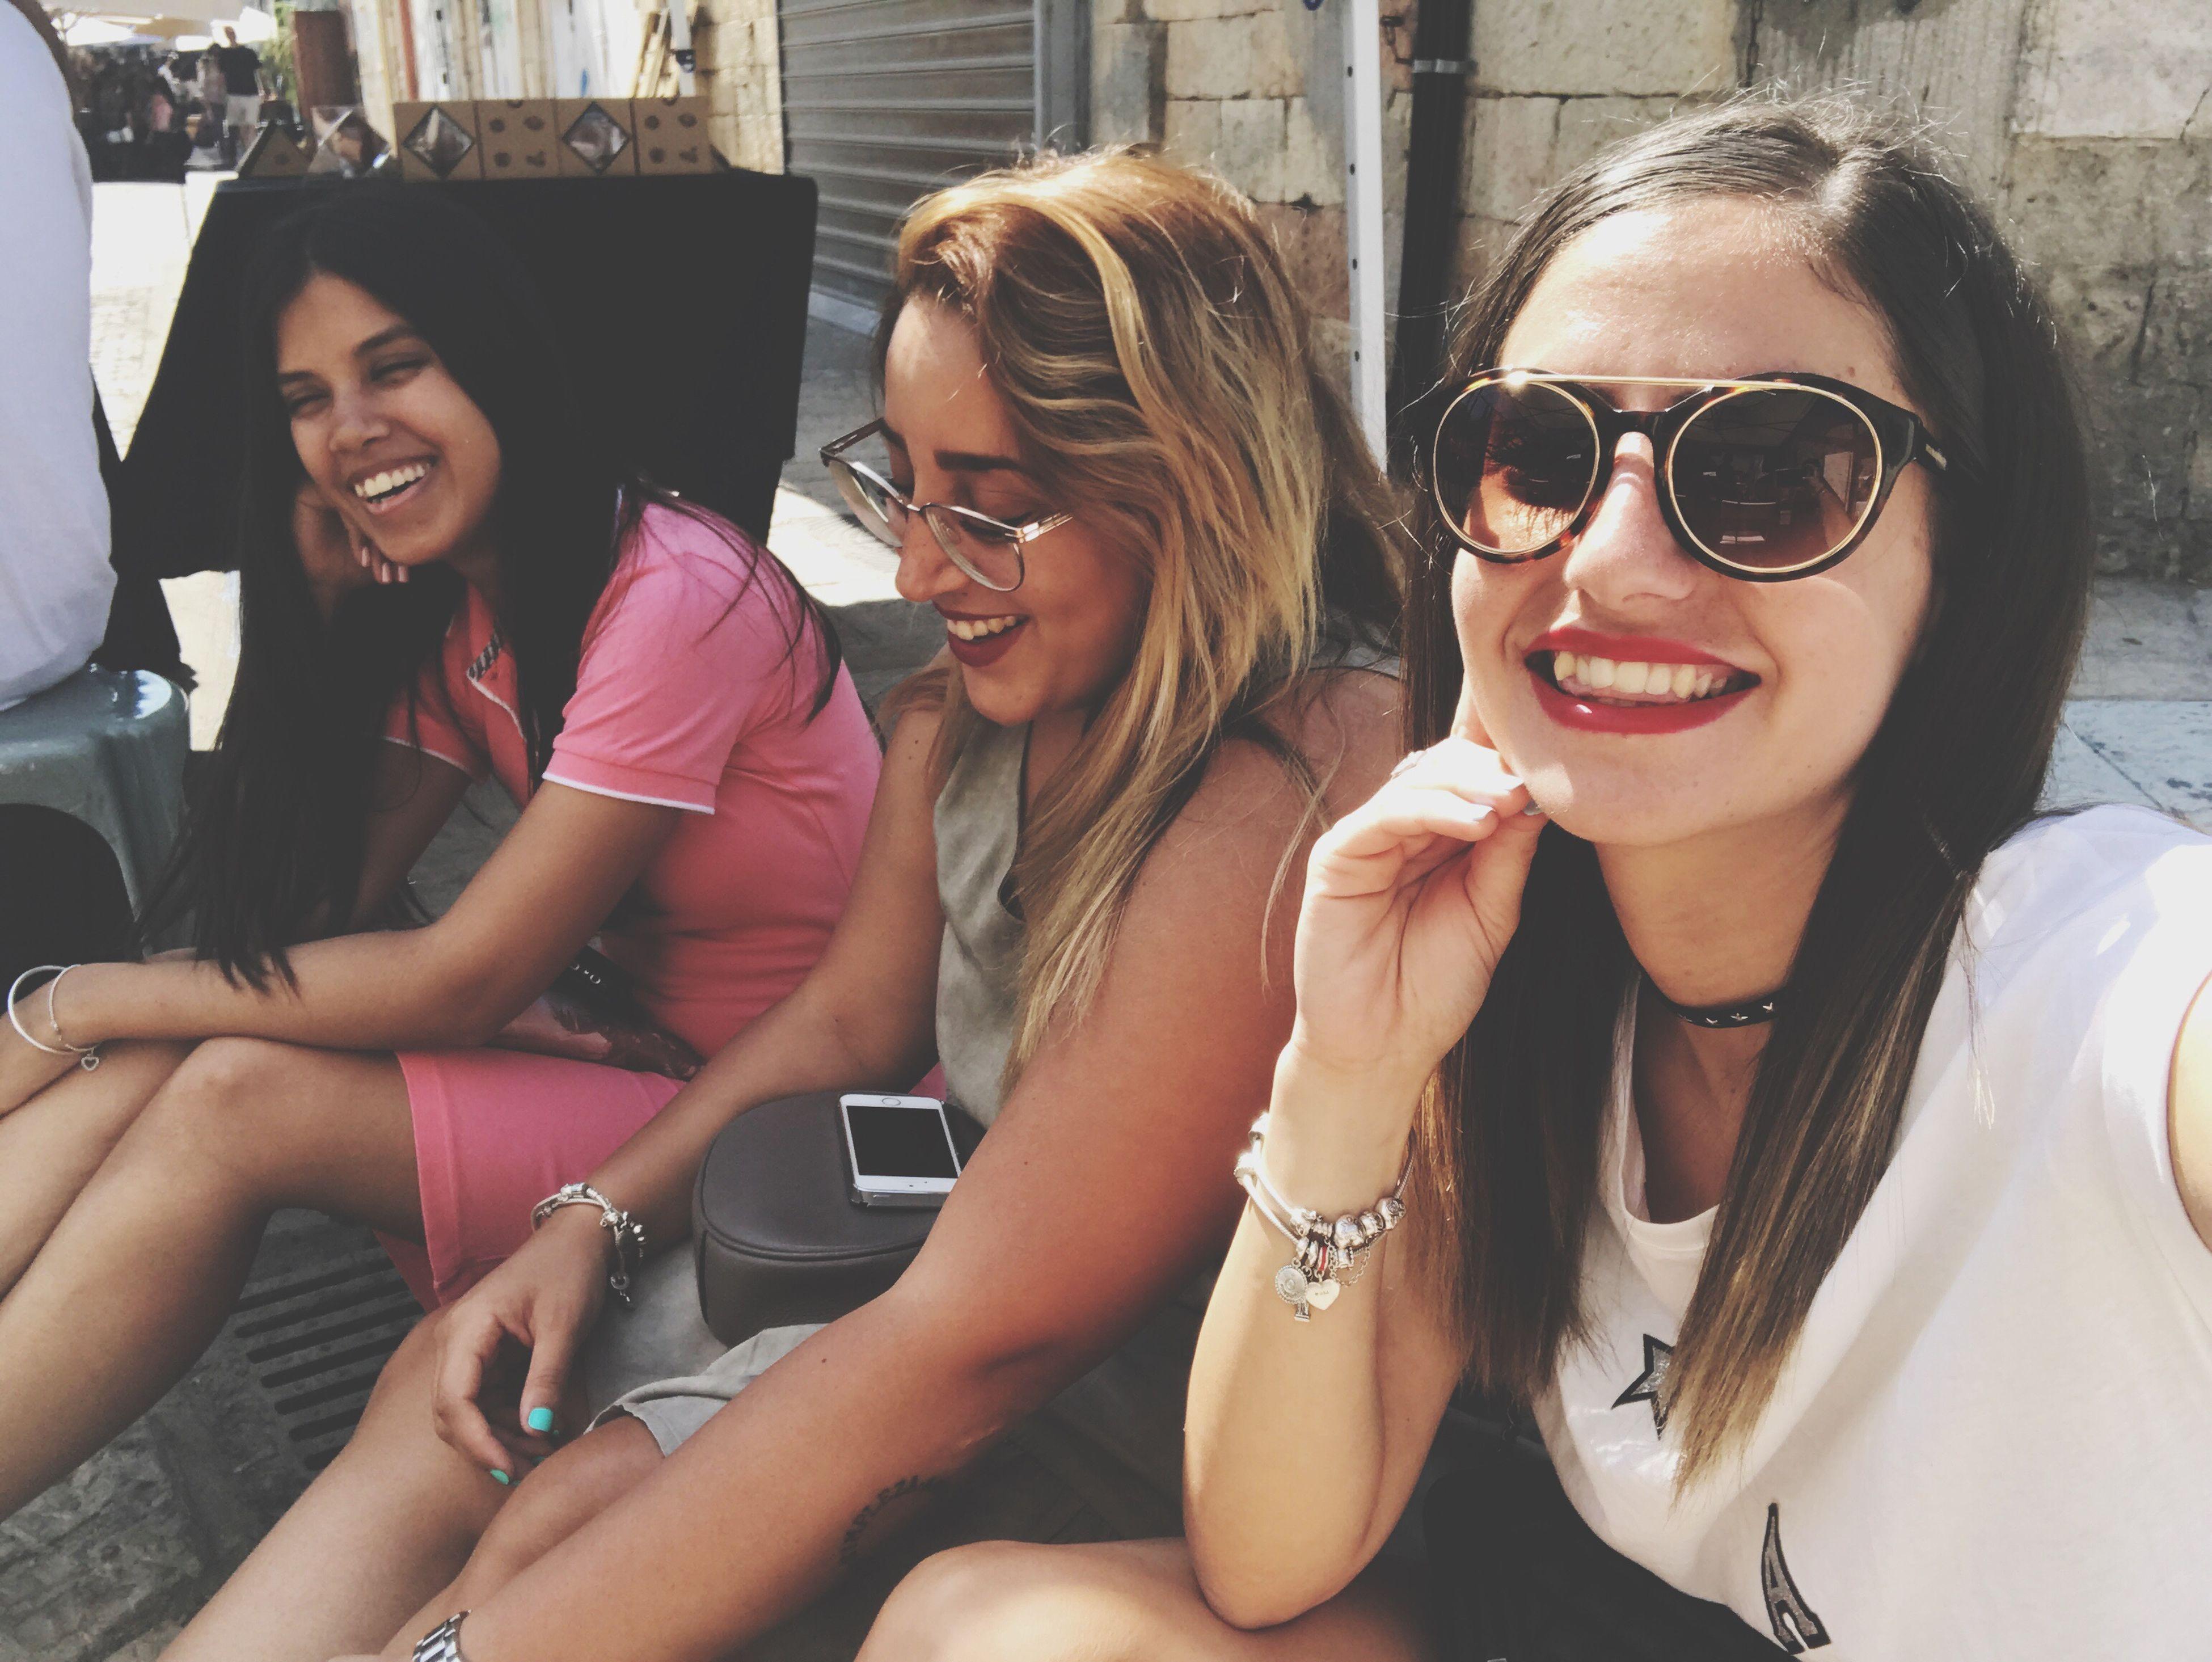 smiling, selfie, friendship, no people